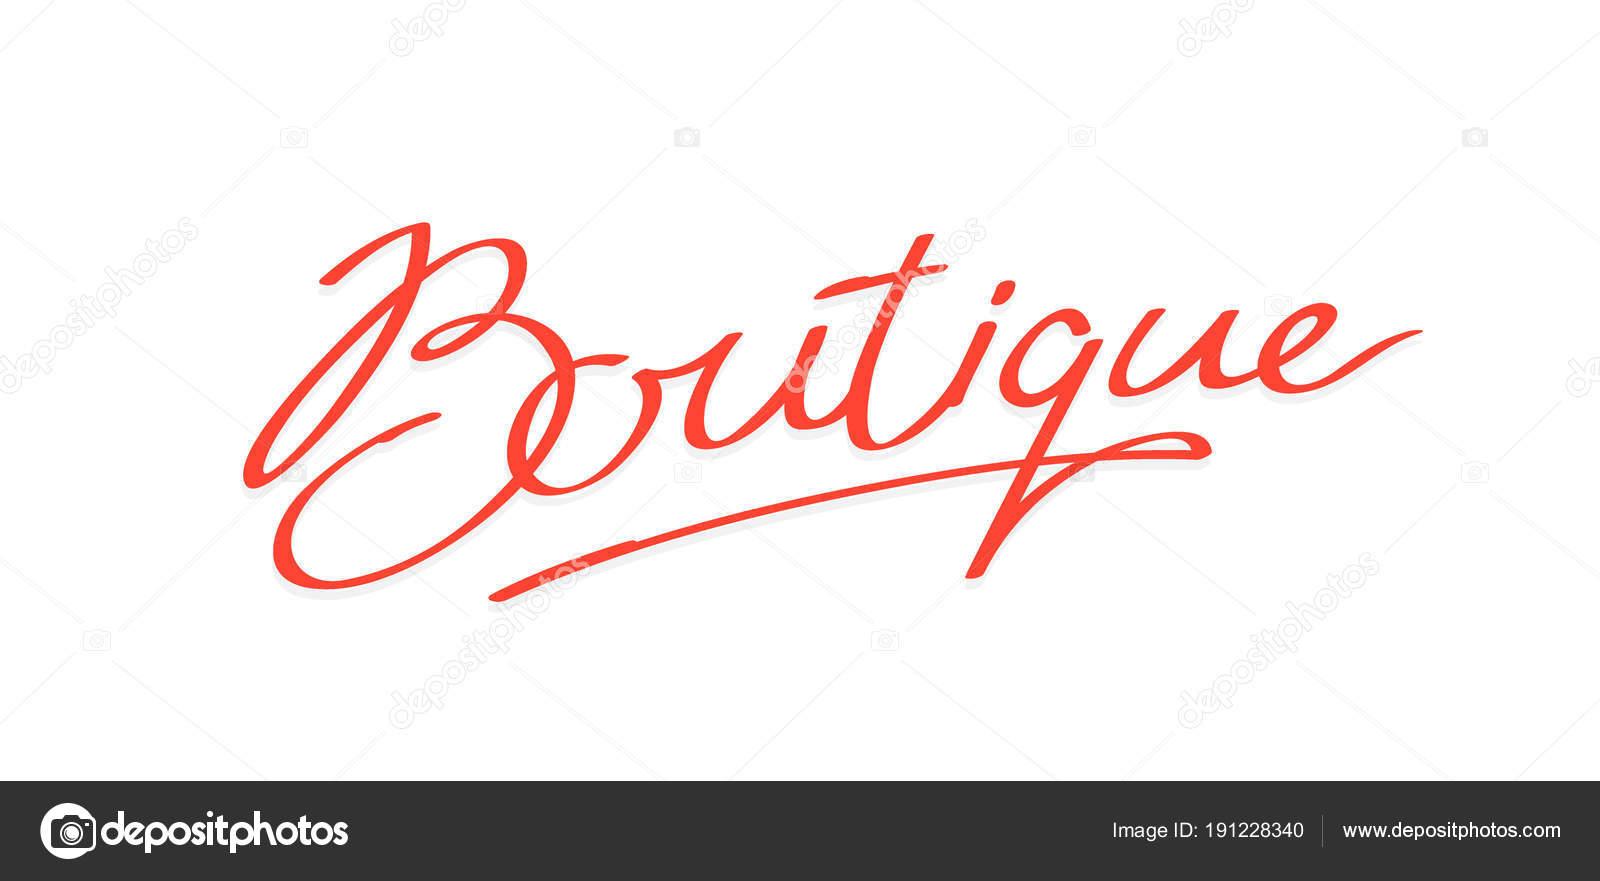 10f0cb7b0b6 Бренд компании. Логотип для магазина одежды и ателье. Бутик косметики.  Магазин Женские. Гламурный бутик. Векторный логотип